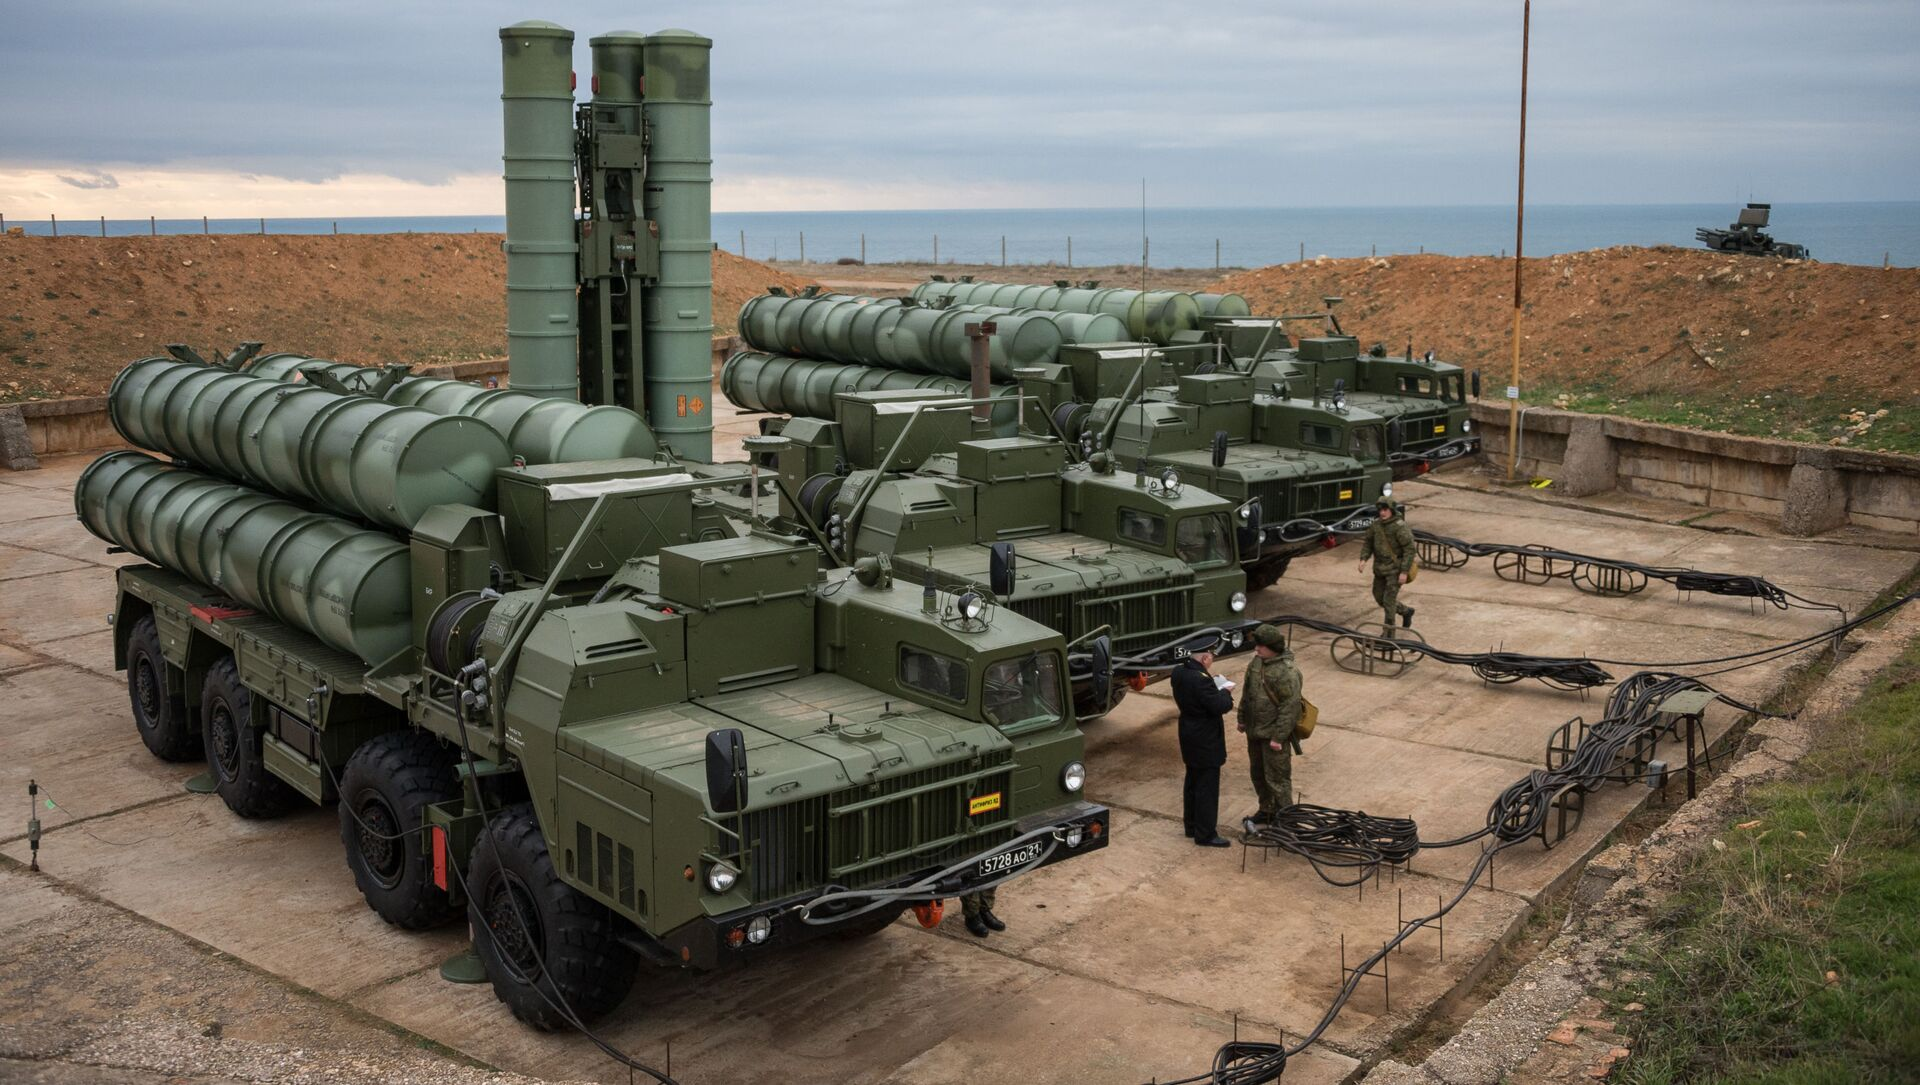 Зенитный ракетный комплекс С-400 Триумф полка противовоздушной обороны в Крыму - Sputnik Việt Nam, 1920, 12.03.2021